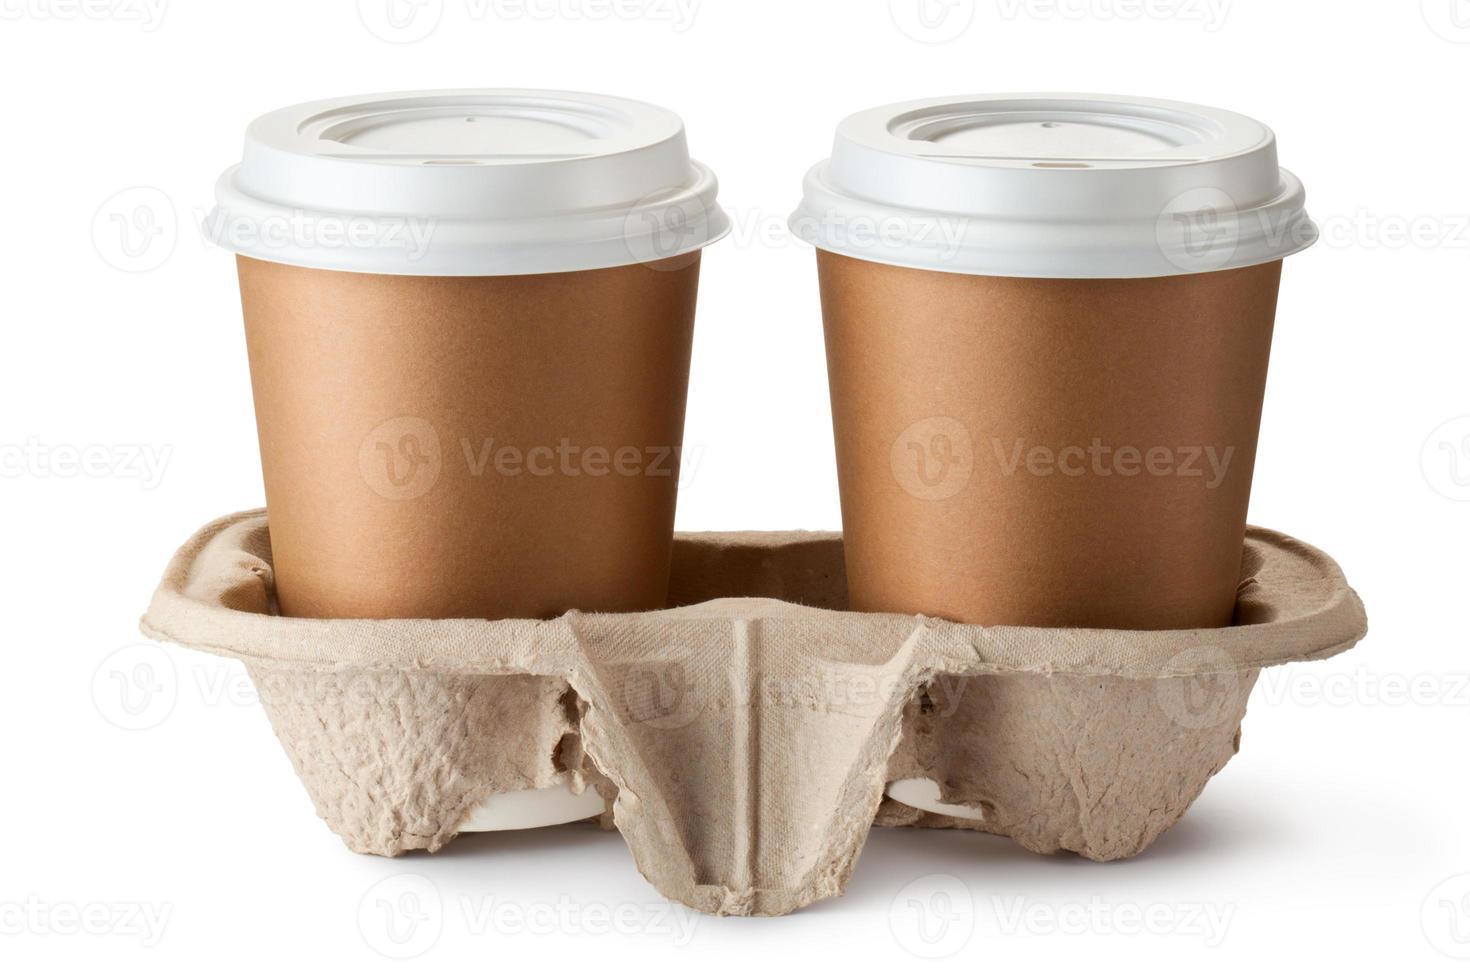 Kaffee zum Mitnehmen im Halter foto